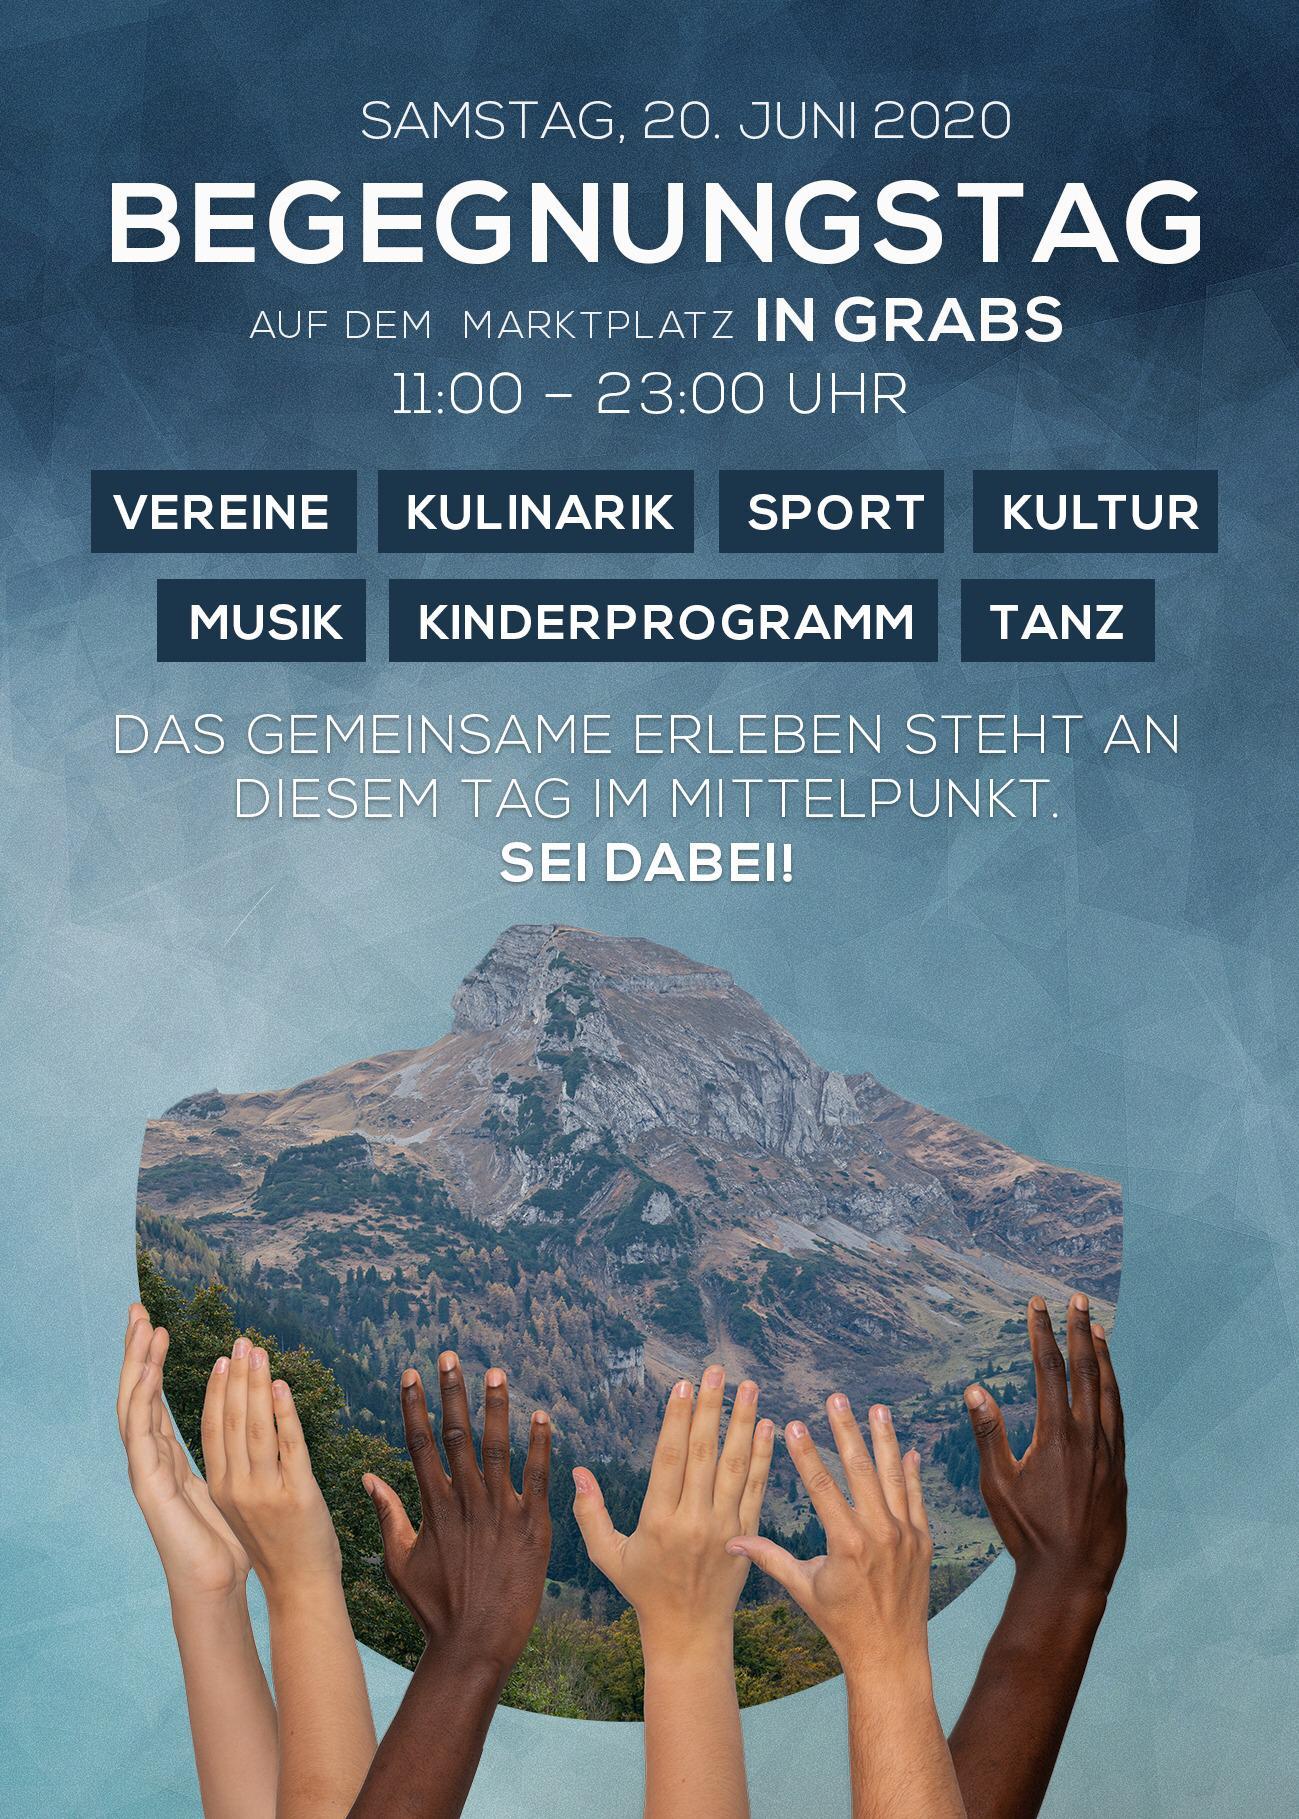 Flyer-Begegnungstag-Grabs-jpg.jpeg